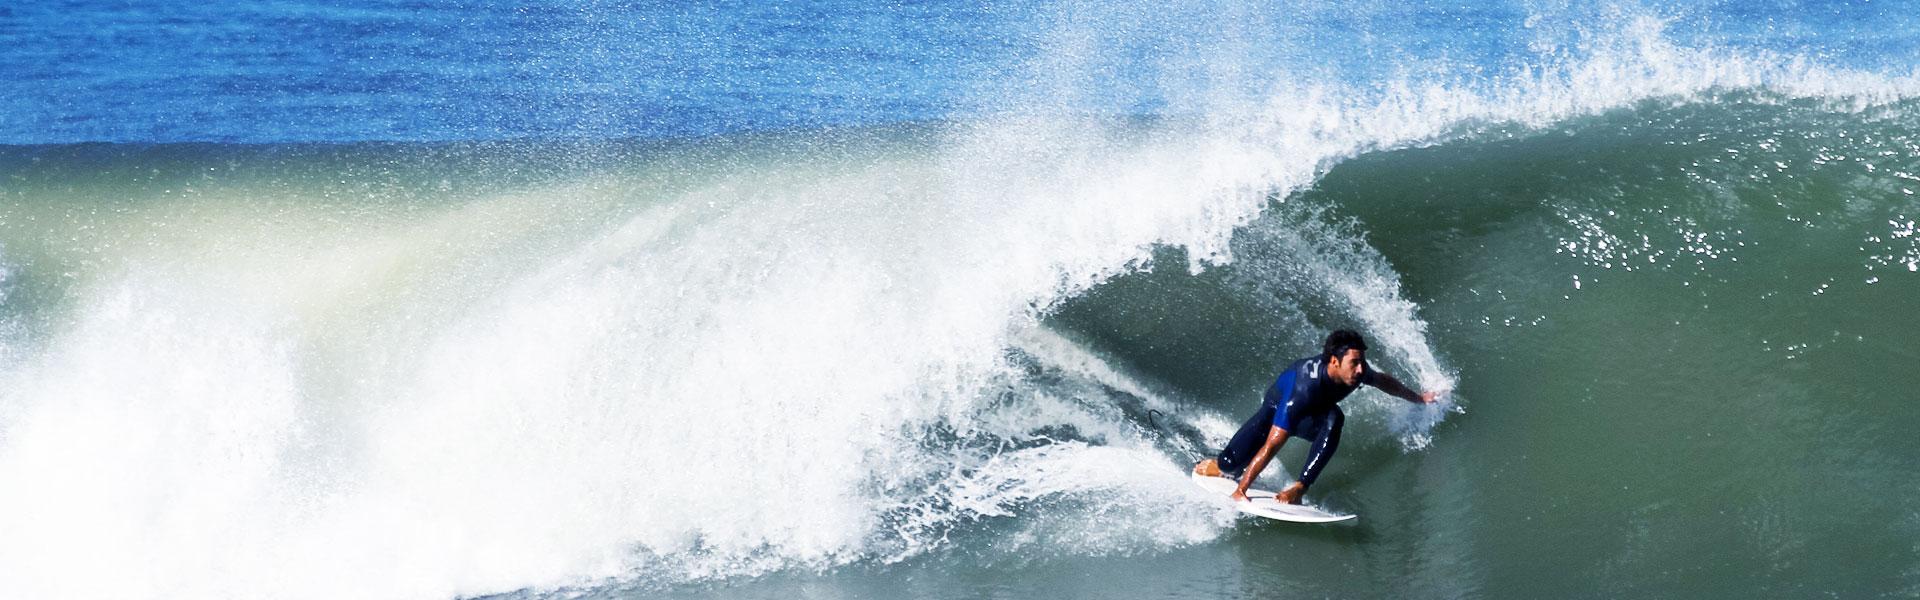 plaisir-surf-glisse